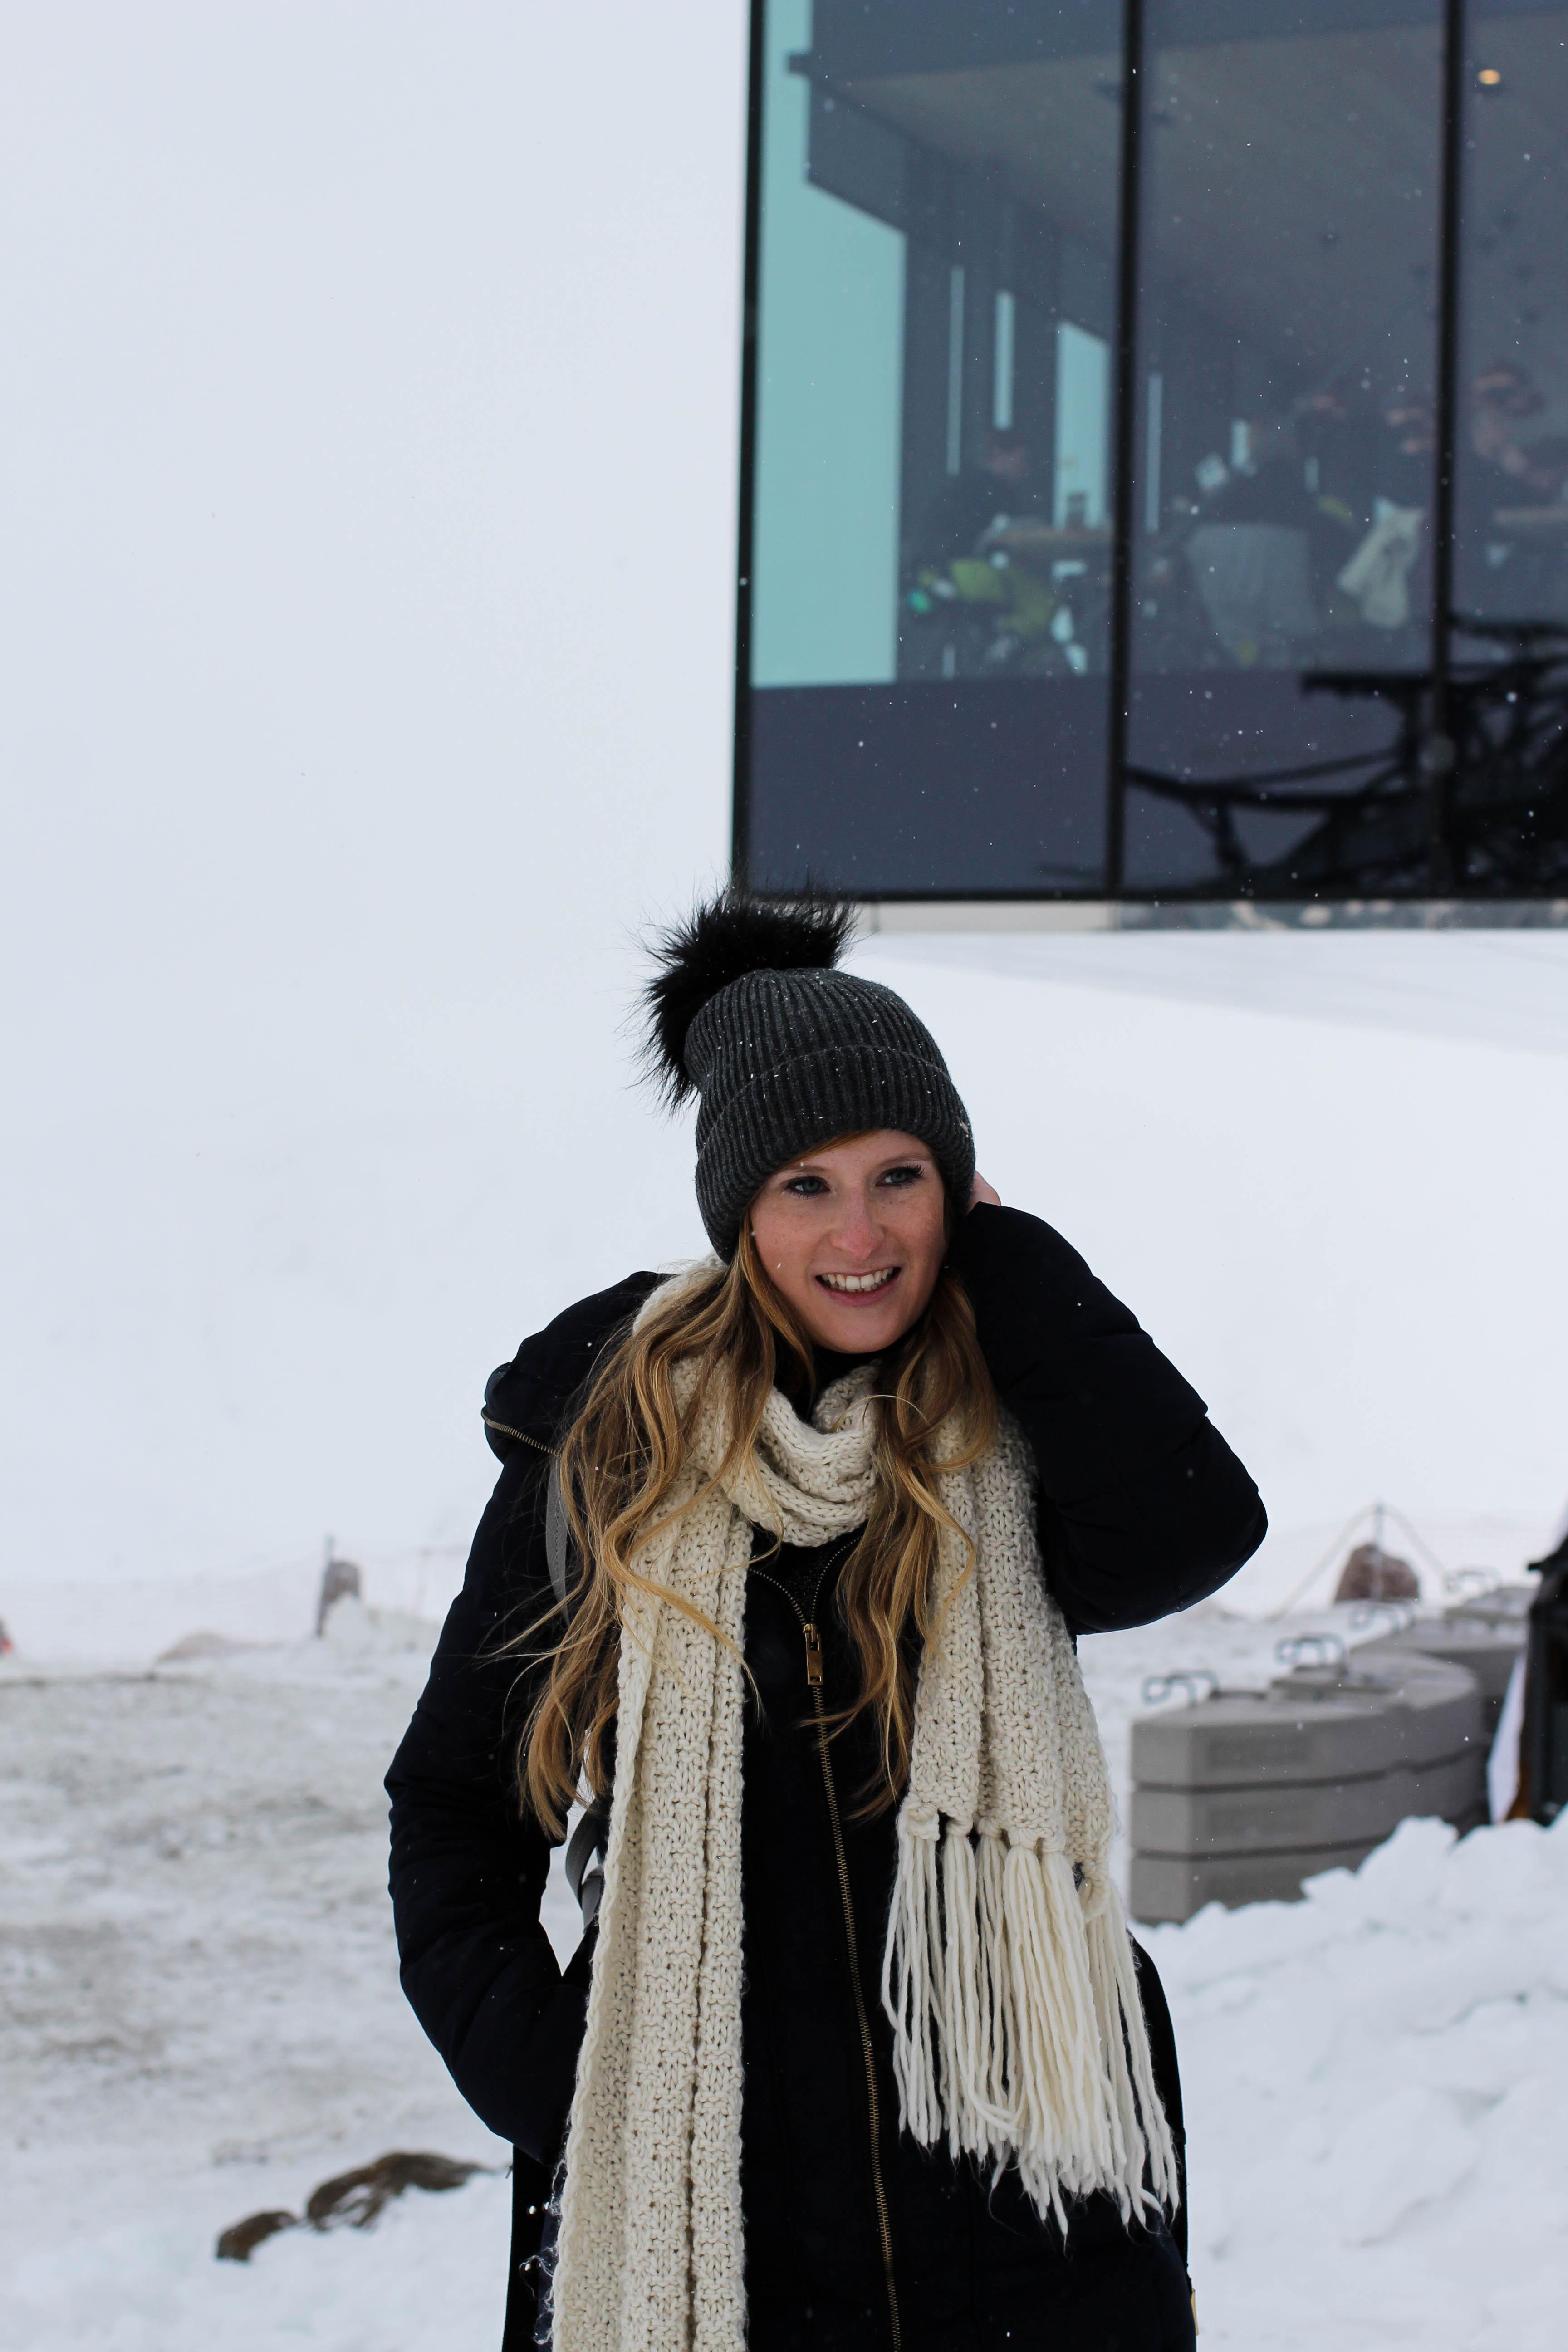 Reiseblog Winterjacke Mütze Schneeoutfit Gourmet-Restaurant Gipfelaussicht Berge Schnee iceQ Sölden Tirol Österreich James Bond Location Spectre 3000m Gaislachkogl 1